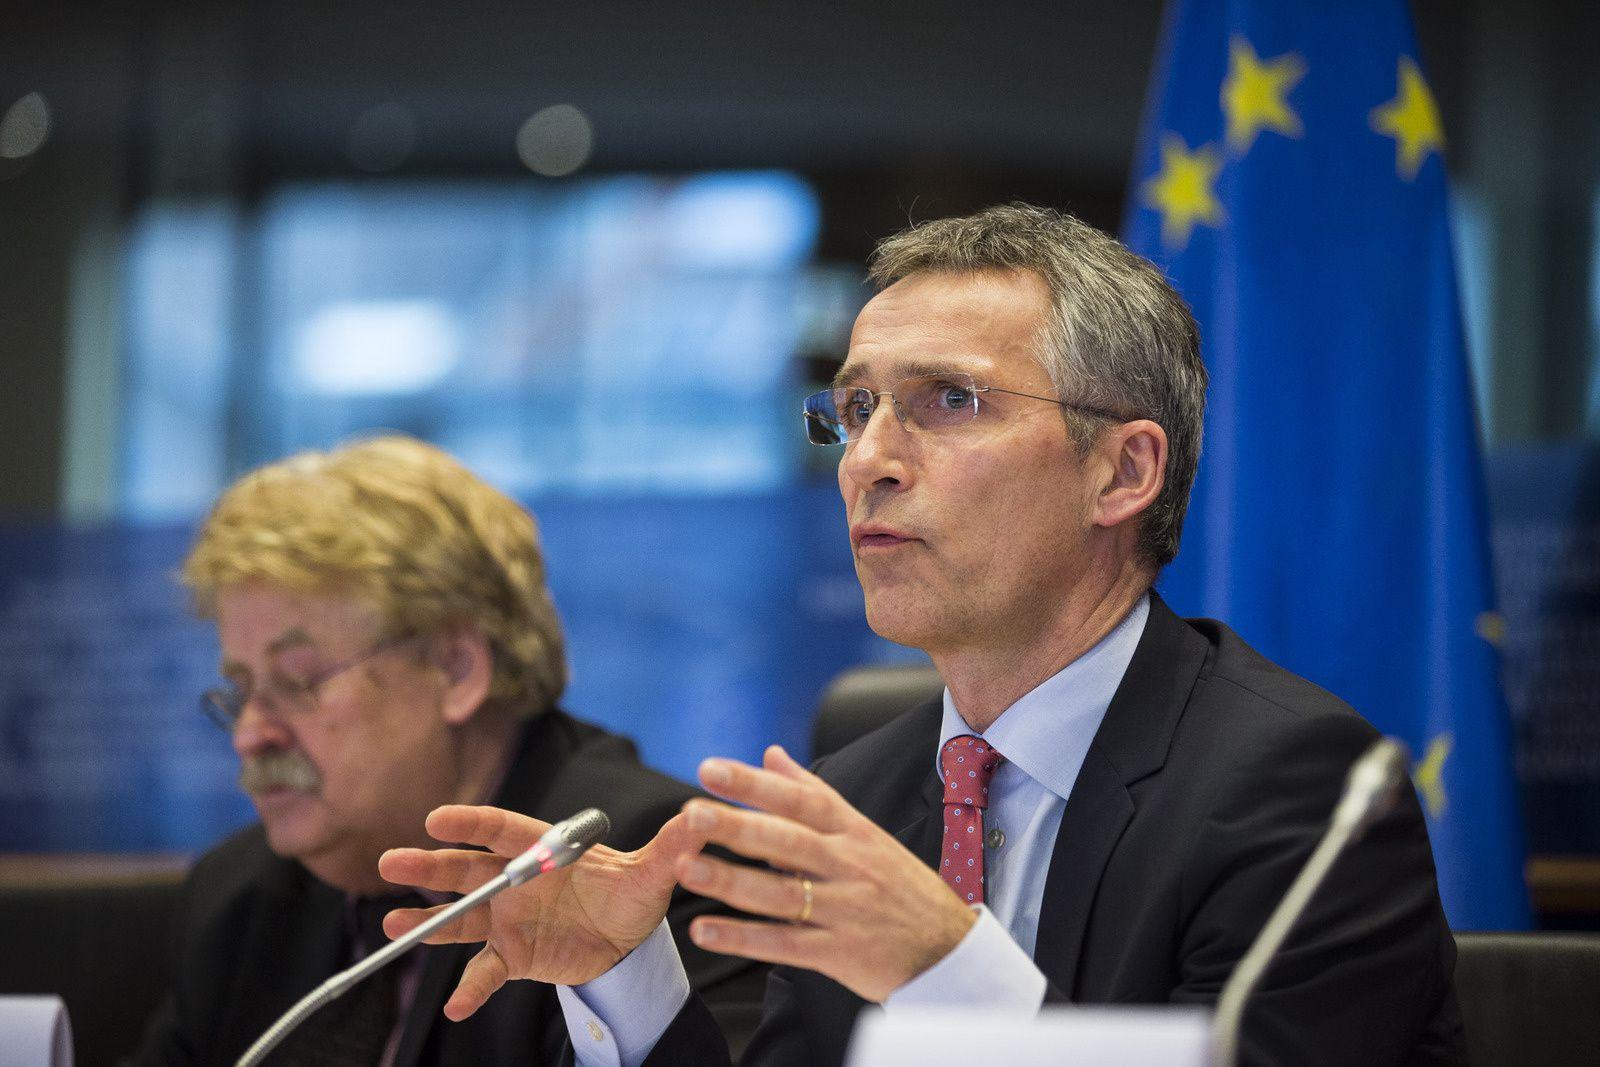 Le secrétaire général estime que l'OTAN et l'UE peuvent faire davantage si elles resserrent leur coopération